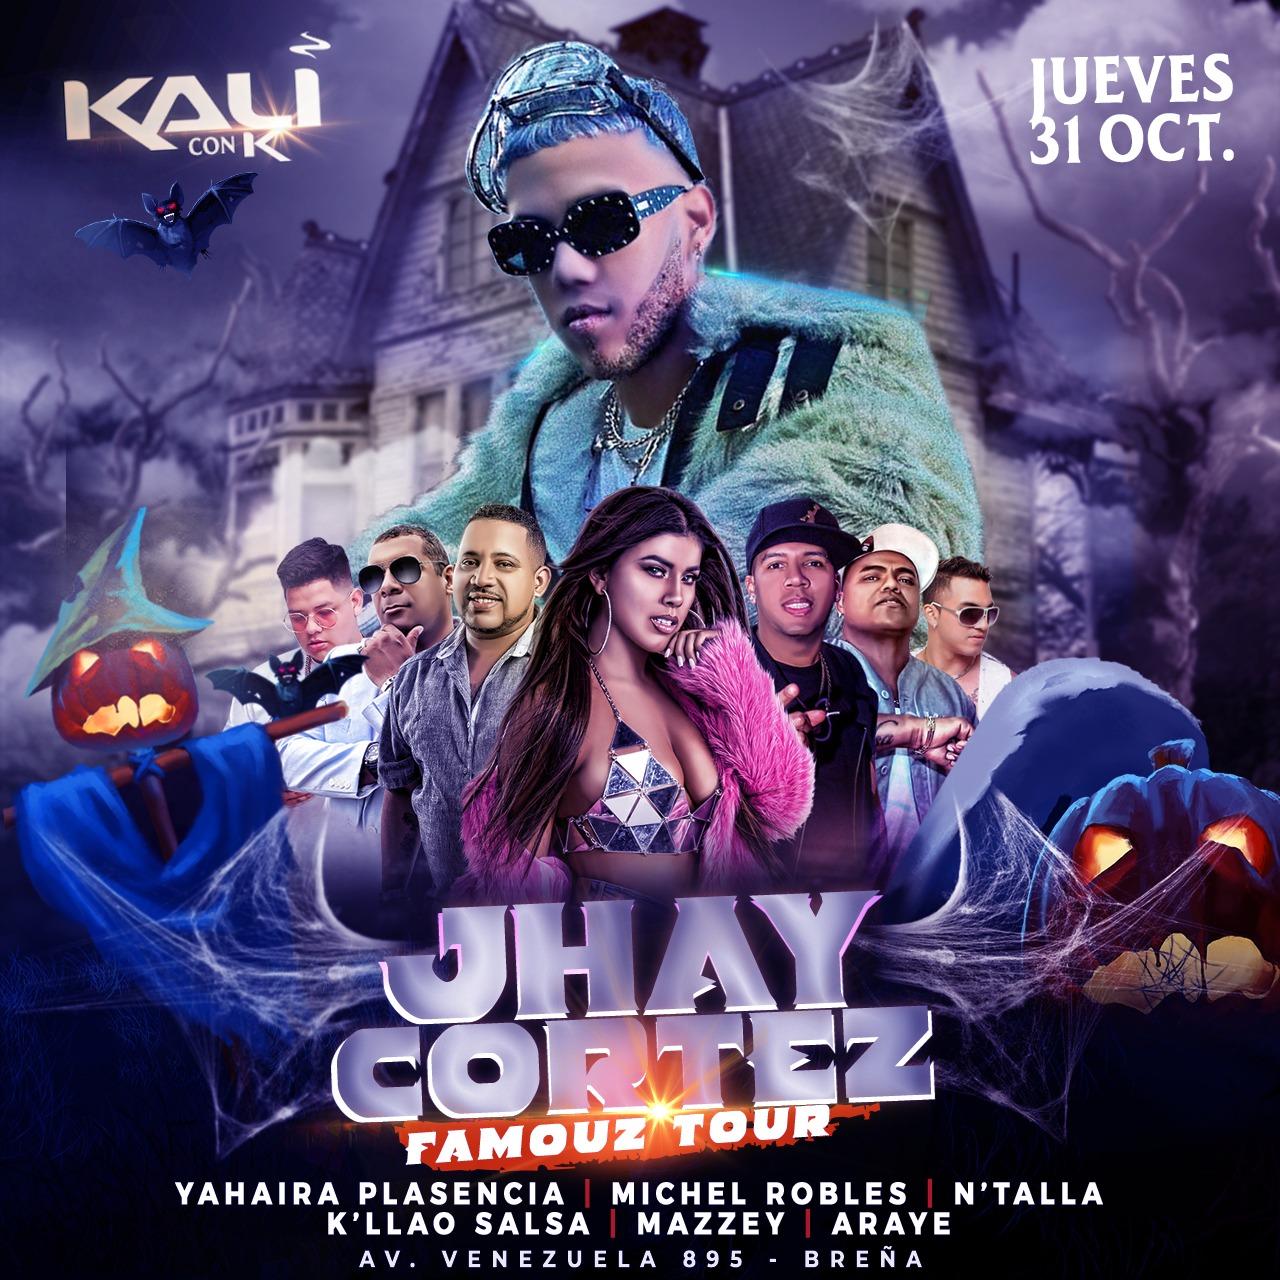 Jhay Cortez Kali Disco - Jhay Cortez Llegara a Perú para el Famouz Tour